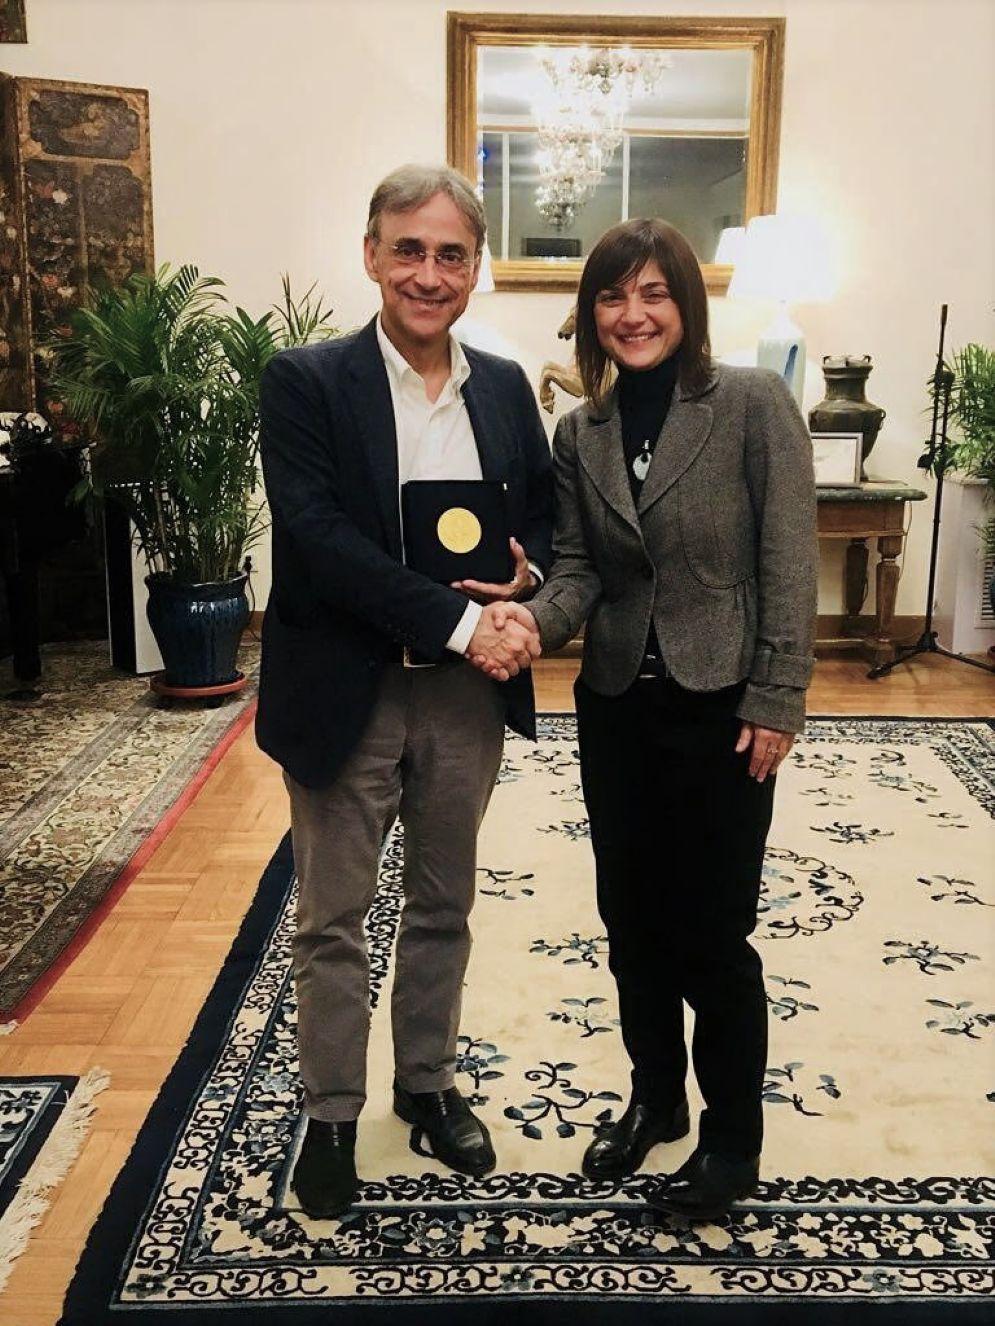 La presidente, Debora Serracchiani, consegna all'ambasciatore italiano a Pechino, Ettore Sequi, la medaglia d'onore della Regione